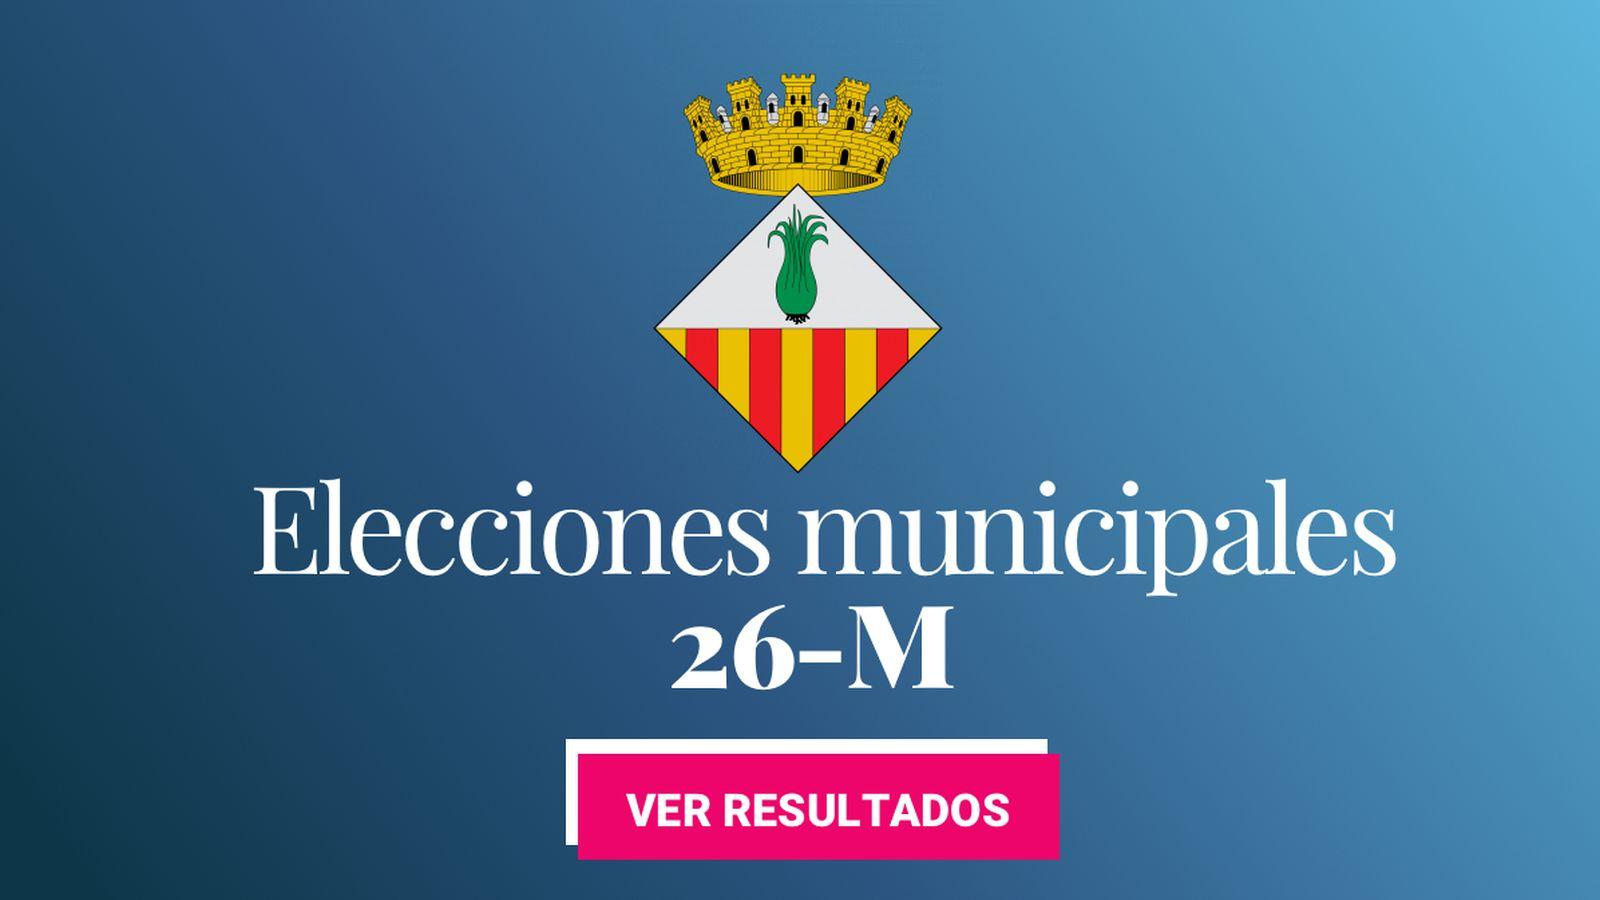 Foto: Elecciones municipales 2019 en Sabadell. (C.C./EC)